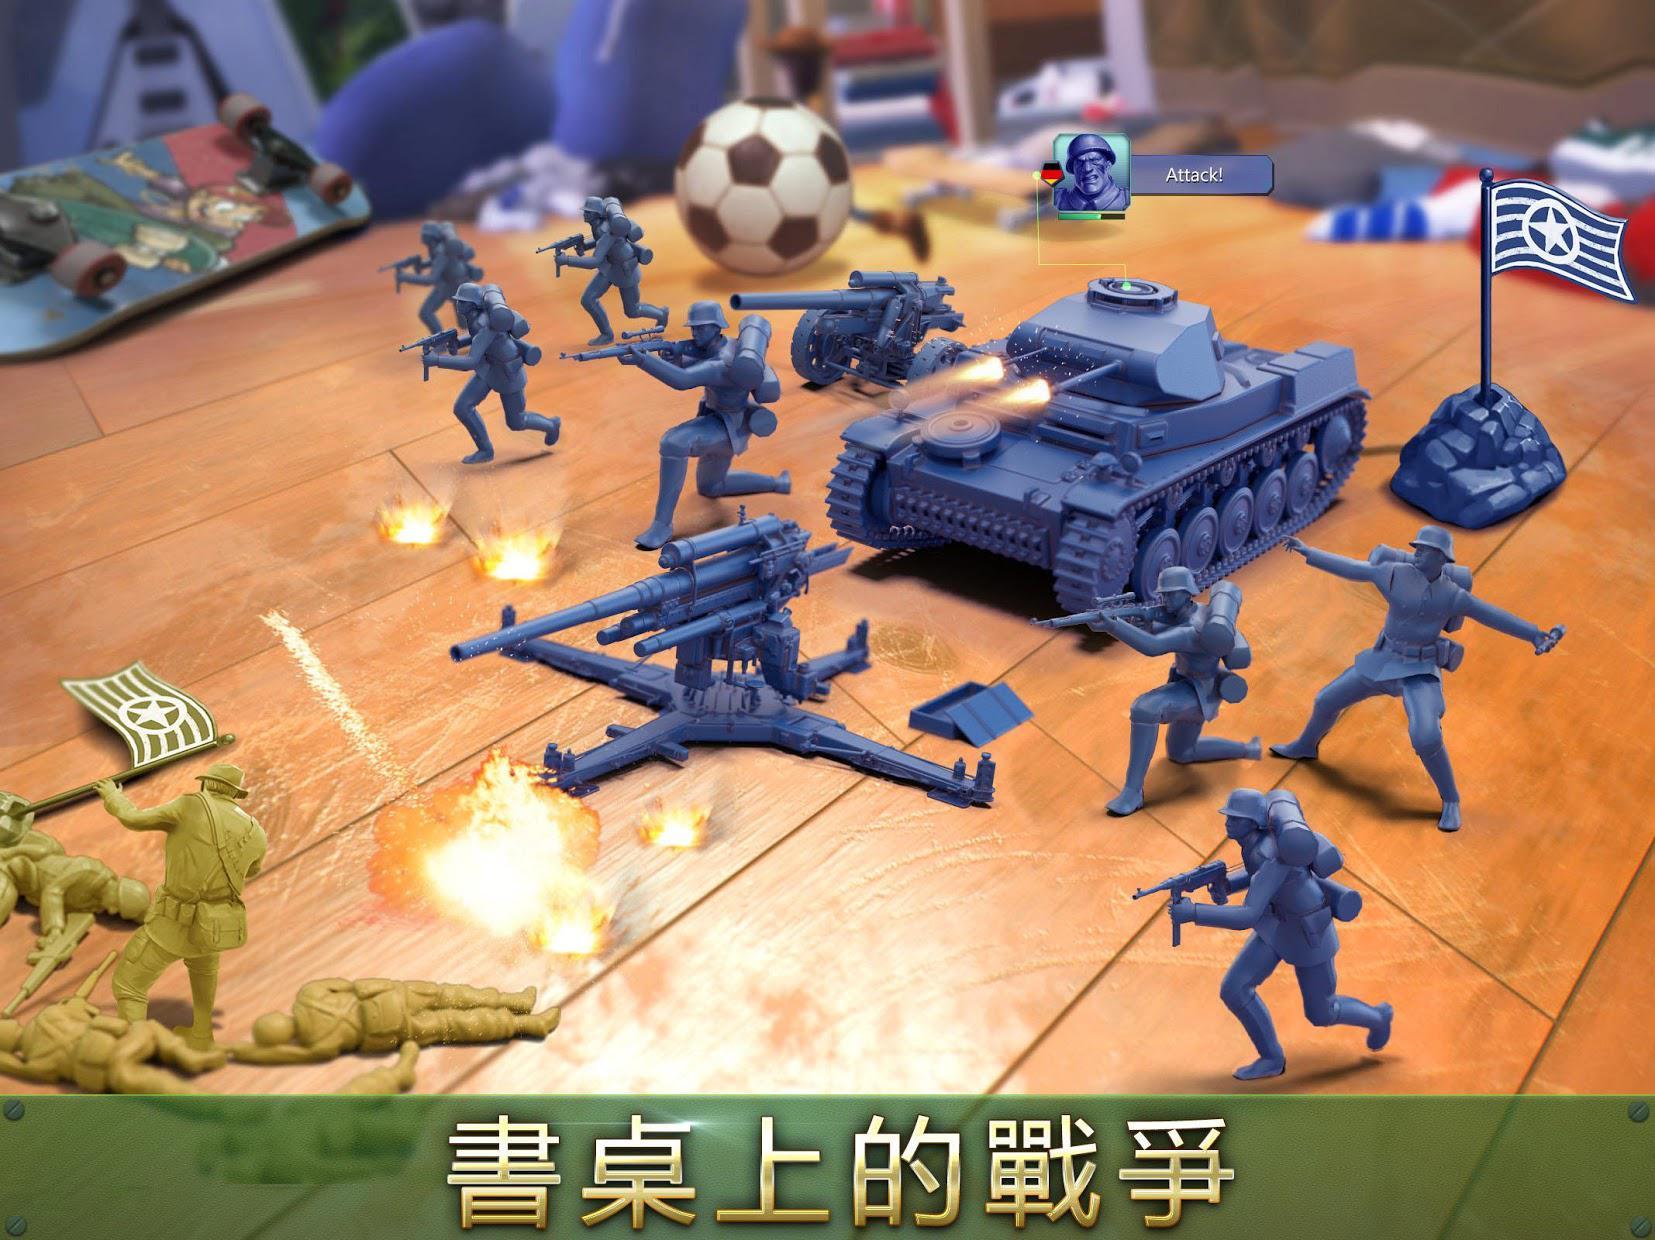 兵人大战 游戏截图2